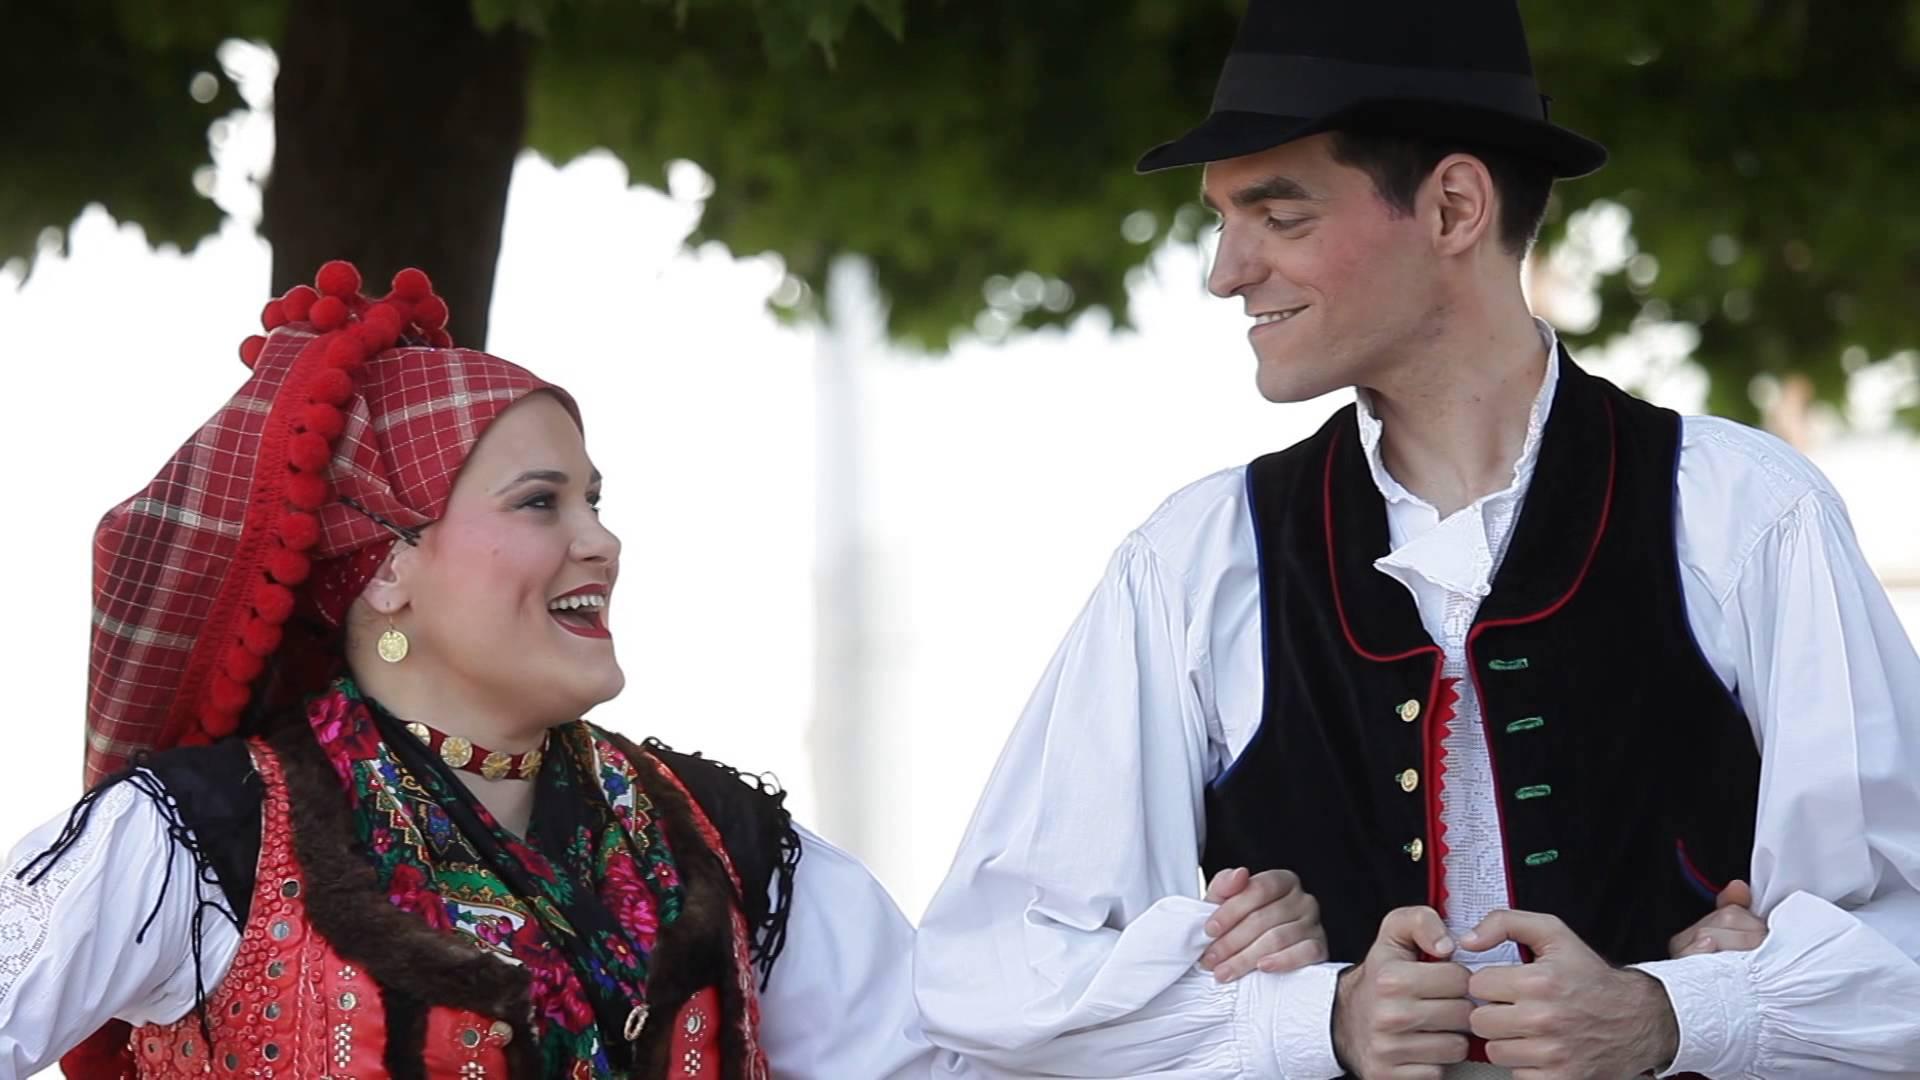 Ana Rucner feat. HKUD Osijek 1862 - Drmeš pleše cijeli svijet